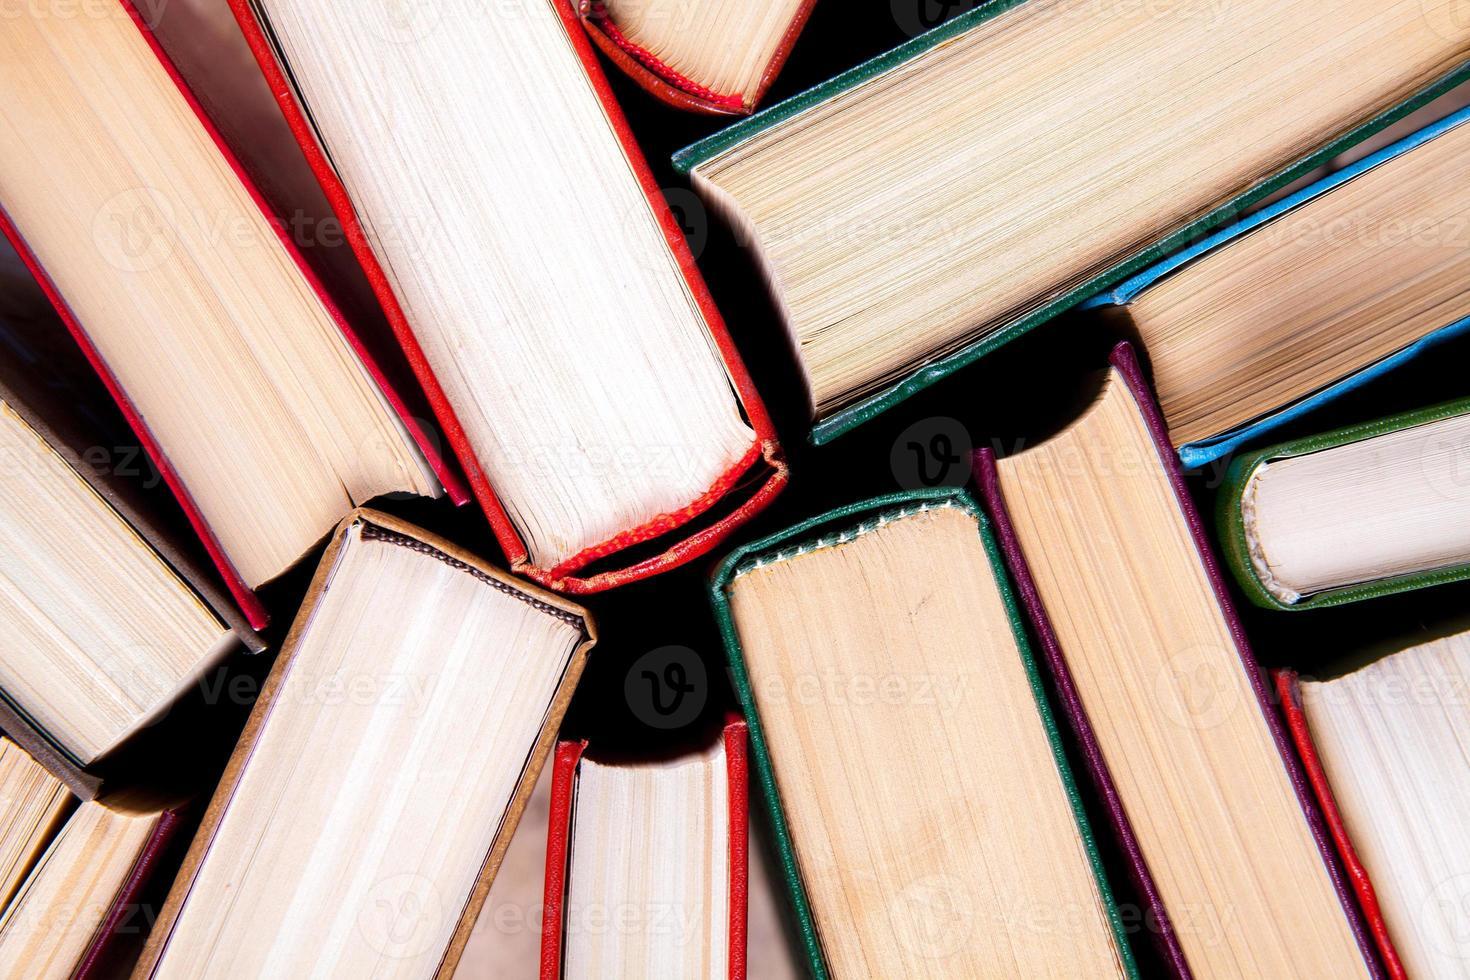 alte und gebrauchte gebundene Bücher foto